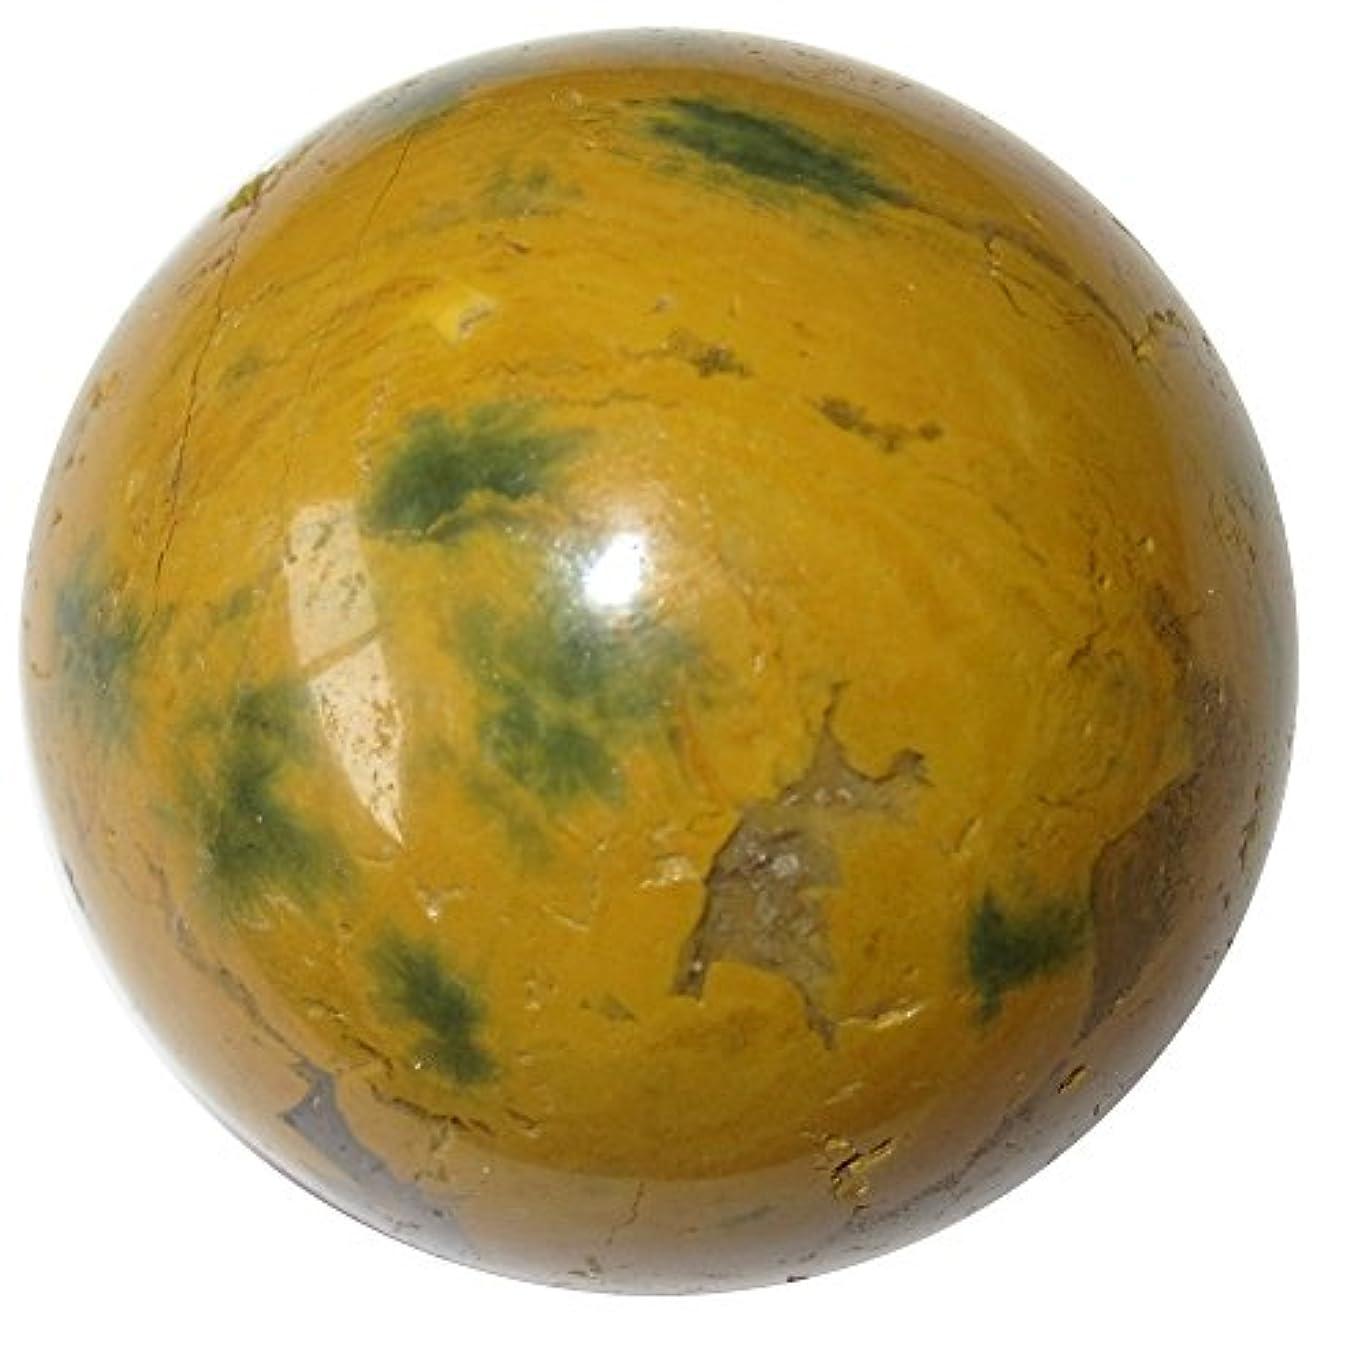 トラクター安定プライバシーサテンクリスタルジャスパー海洋ボールプレミアムマダガスカル球水要素エネルギーフローストーンp01 1.6 Inches イエロー jasperoceanball01-mustardgreen-1.6